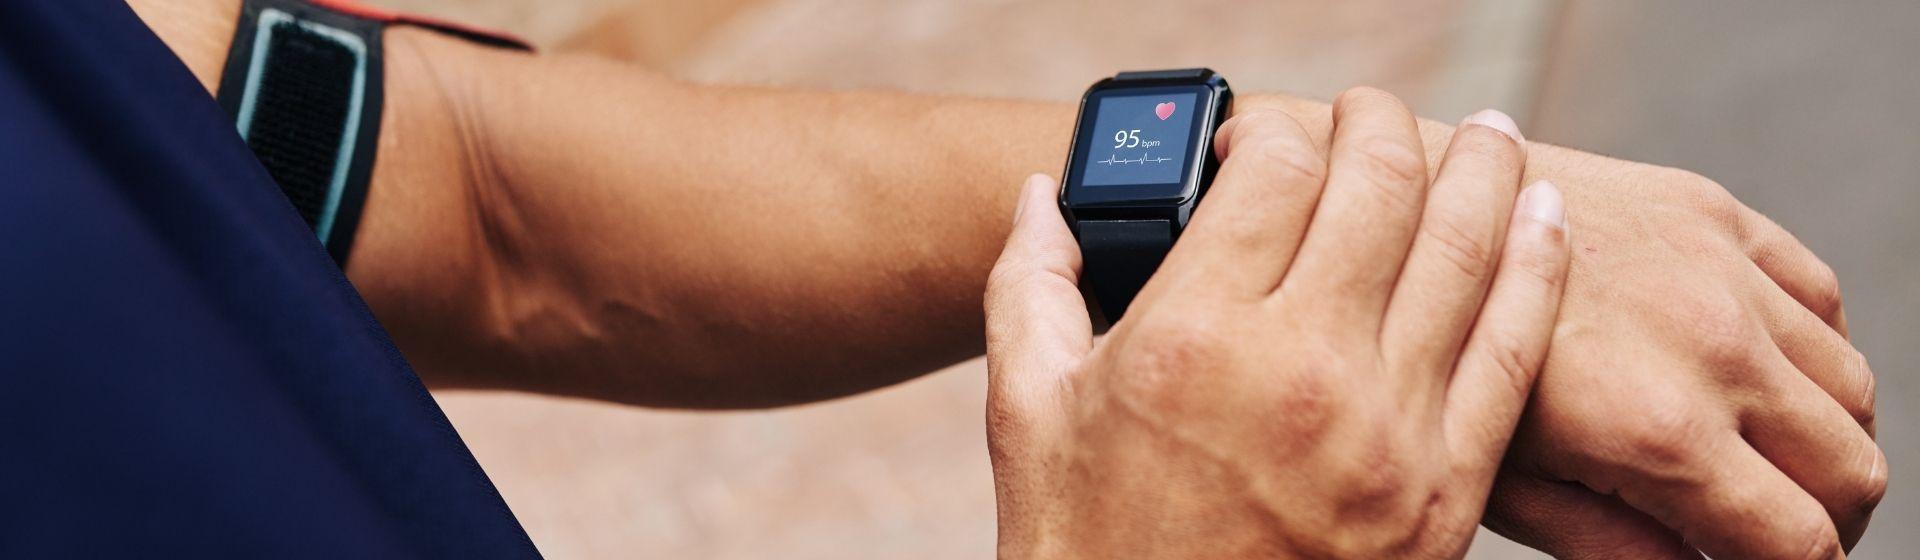 Melhor smartwatch 2020: 7 relógios inteligentes para comprar no Brasil